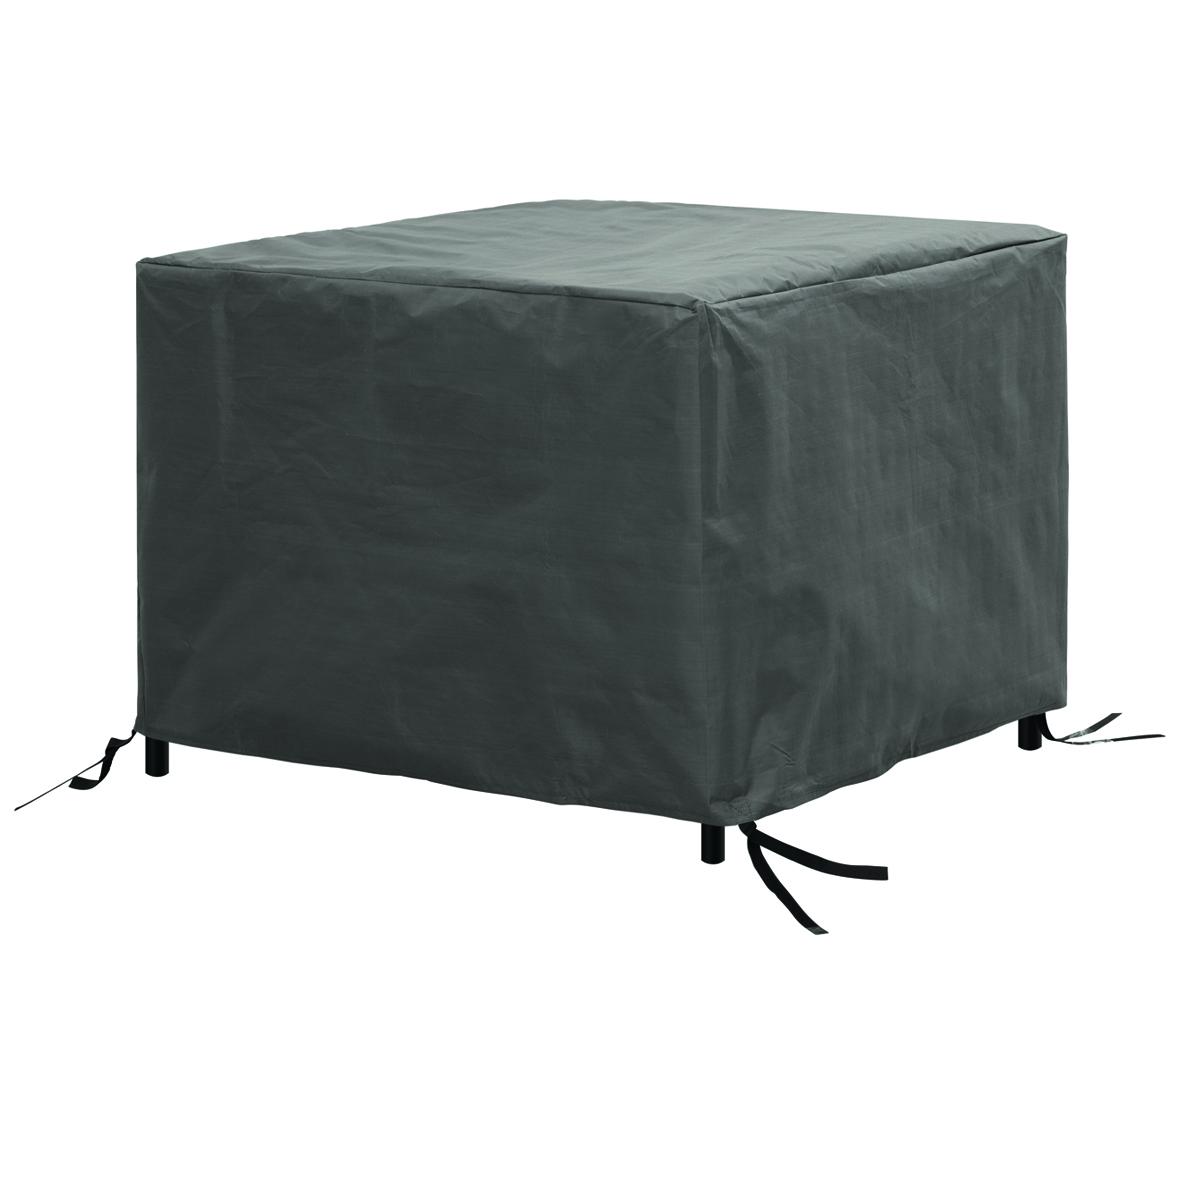 Outdoor Covers Beschermhoes 95x95x70 cm Antraciet